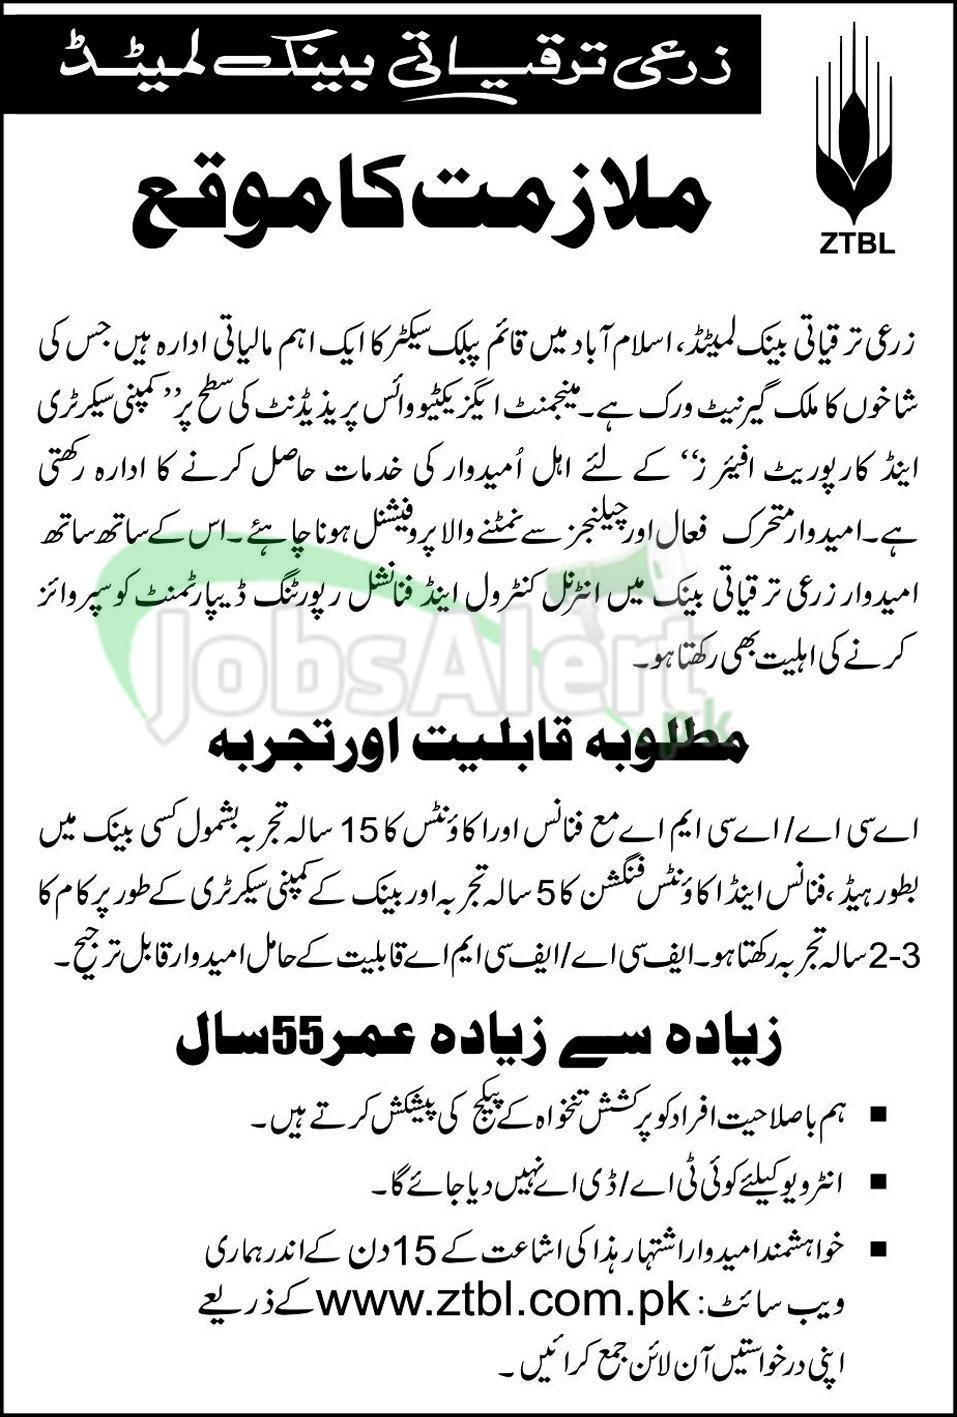 Zarai Taraqiati Bank Ltd. (ZTBL)